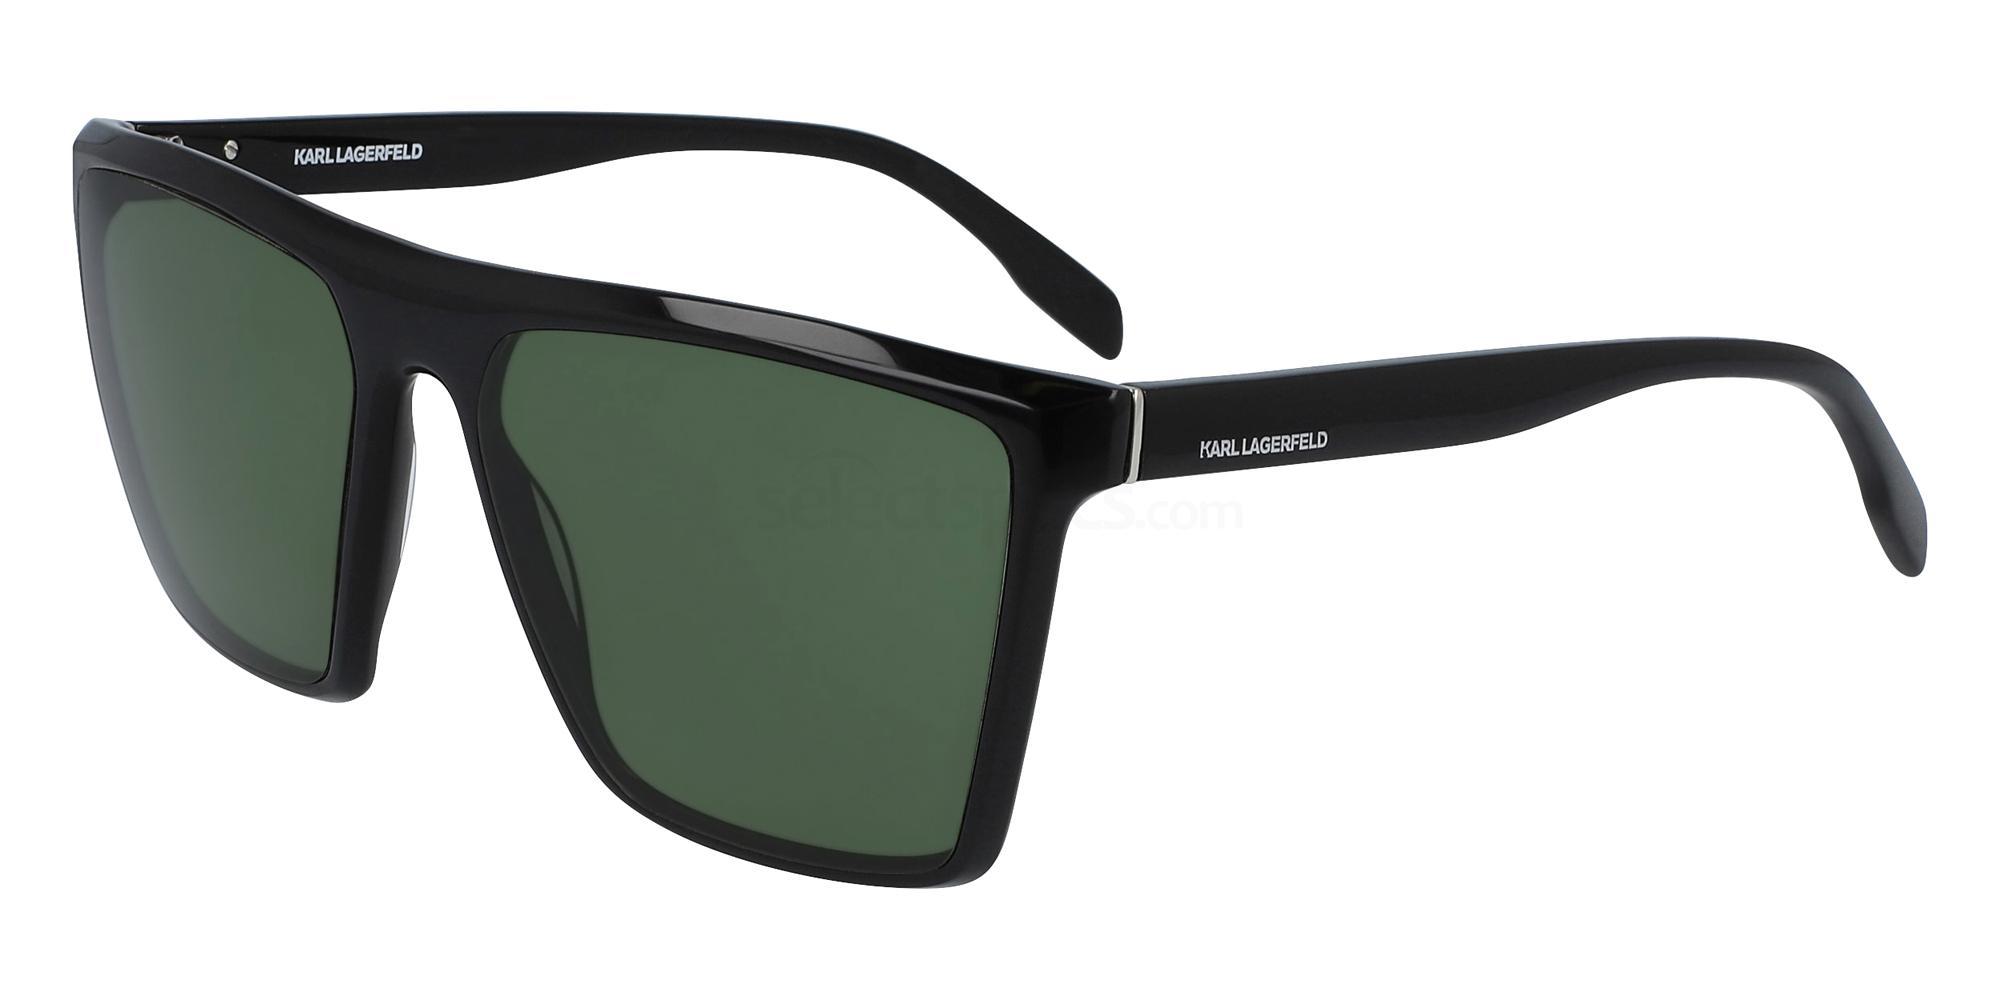 001 KL6007S Sunglasses, Karl Lagerfeld